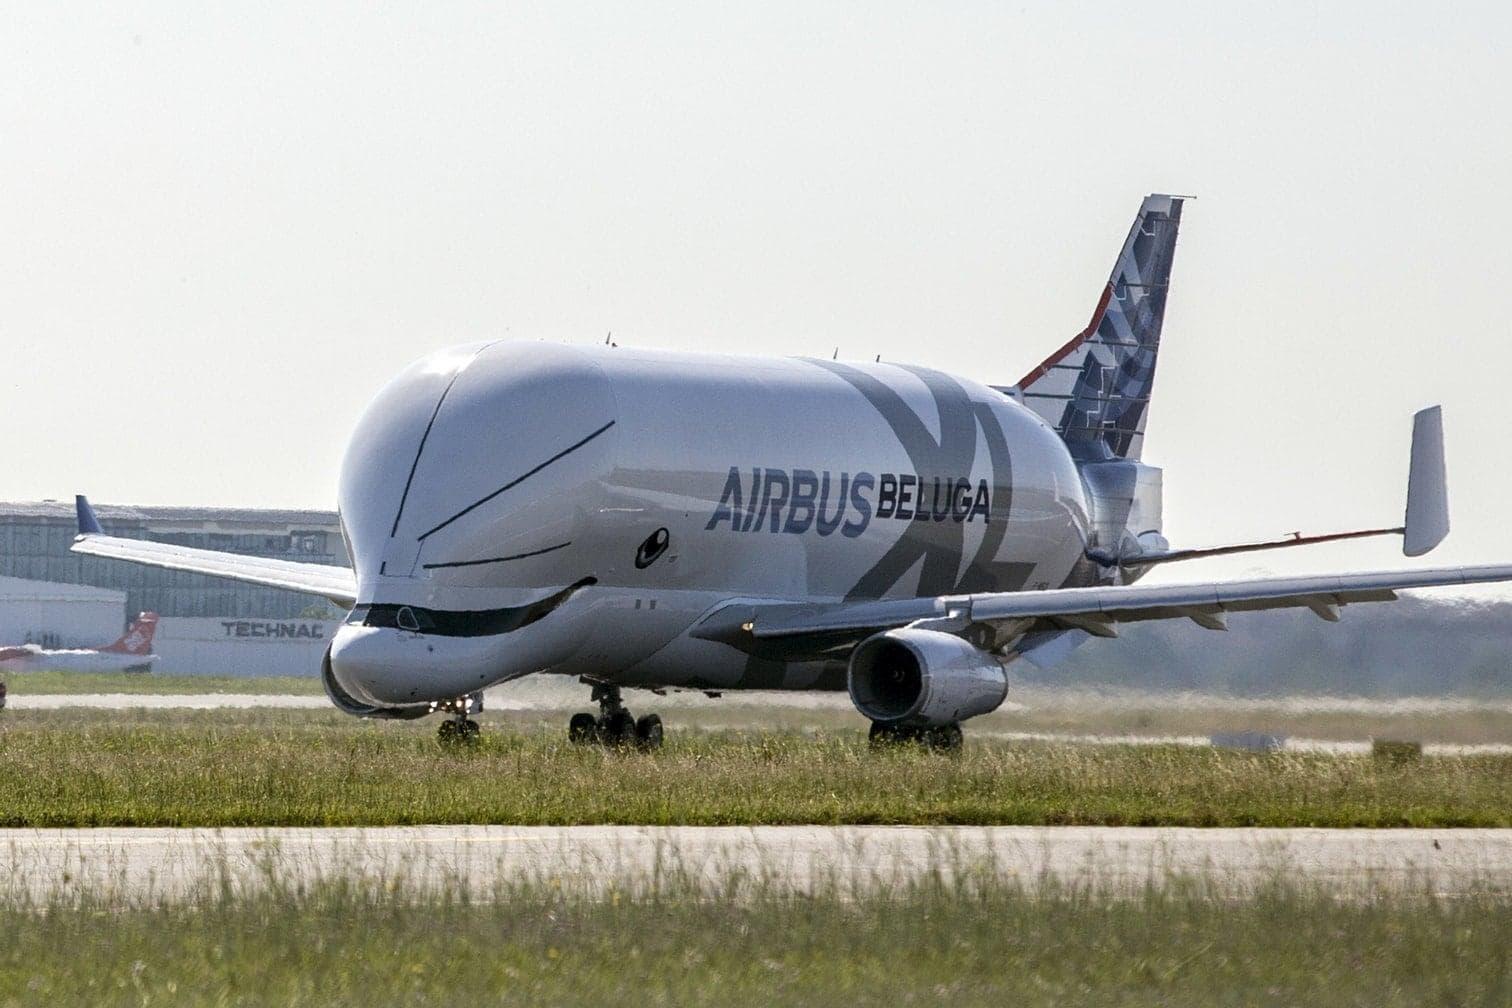 <p>Der Frachtflieger mit der genauen Bezeichnung A330-743L Beluga XL soll von 2019 an den Beluga ST ersetzen und dann Flugzeugteile von einer Produktionsstätte zur nächsten transportieren.</p> Foto: dpa